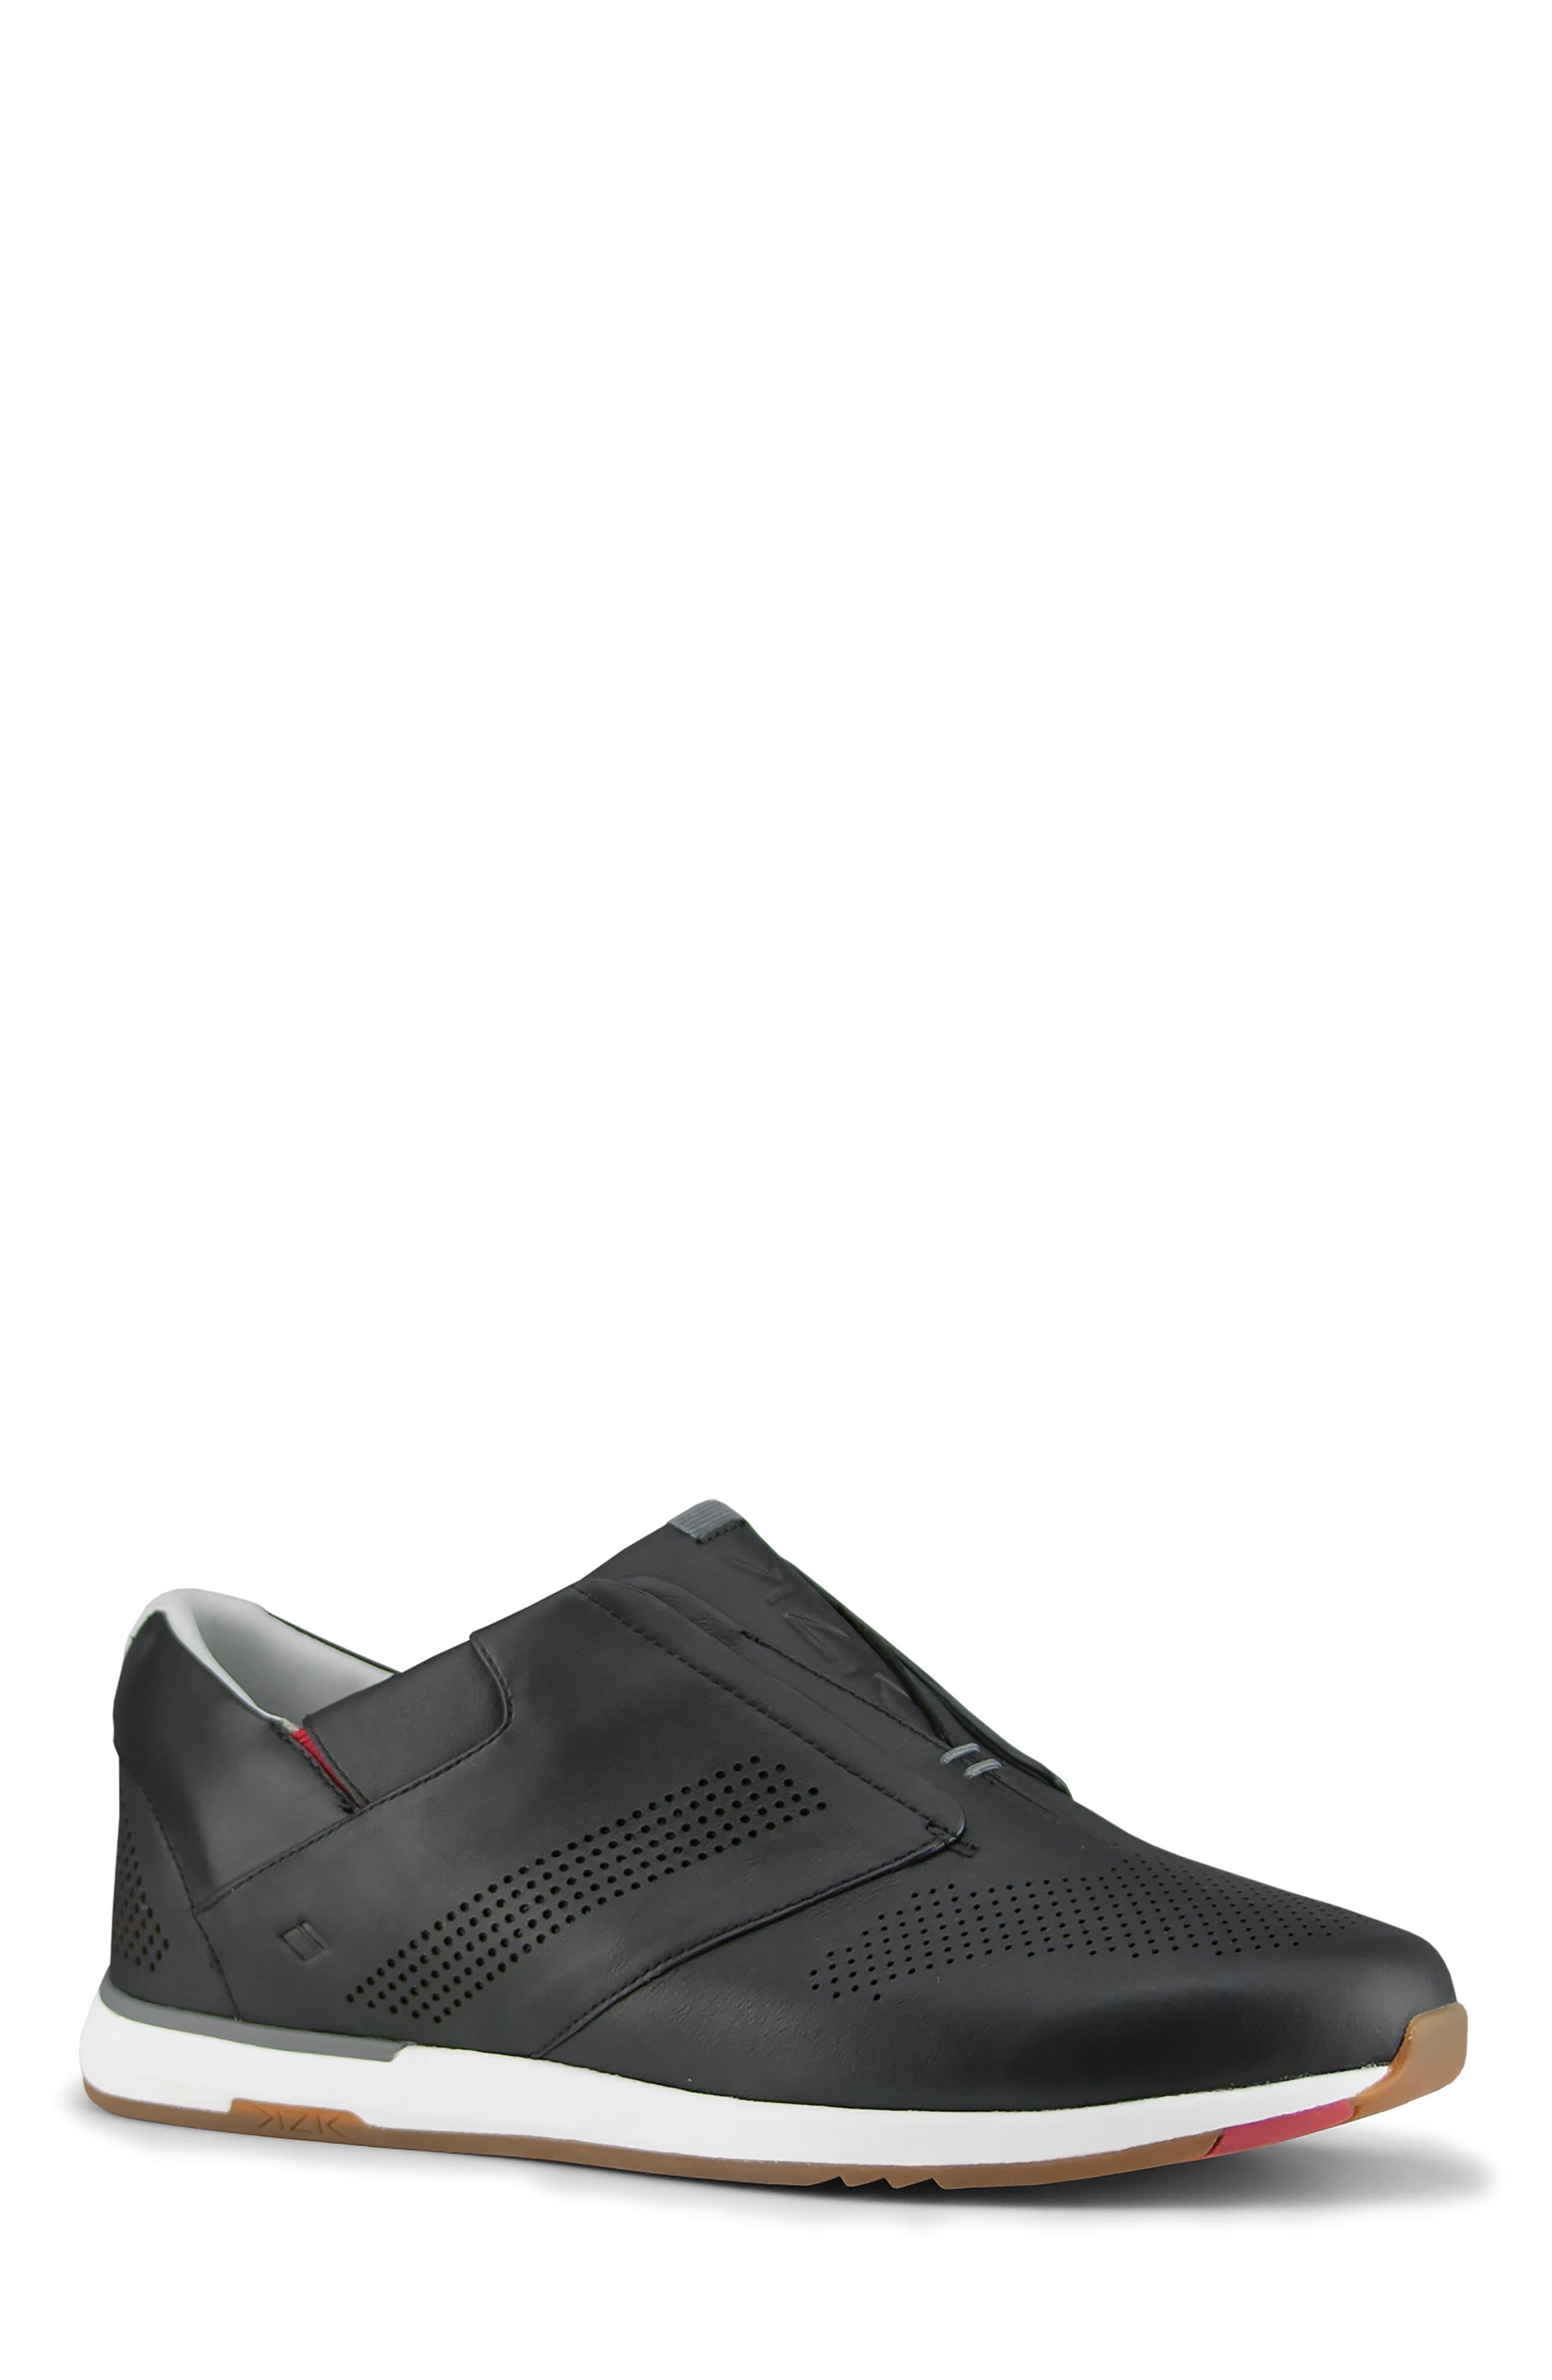 KIZIK, Dubai Slip-On Sneaker, Main thumbnail 1, color, BLACK LEATHER